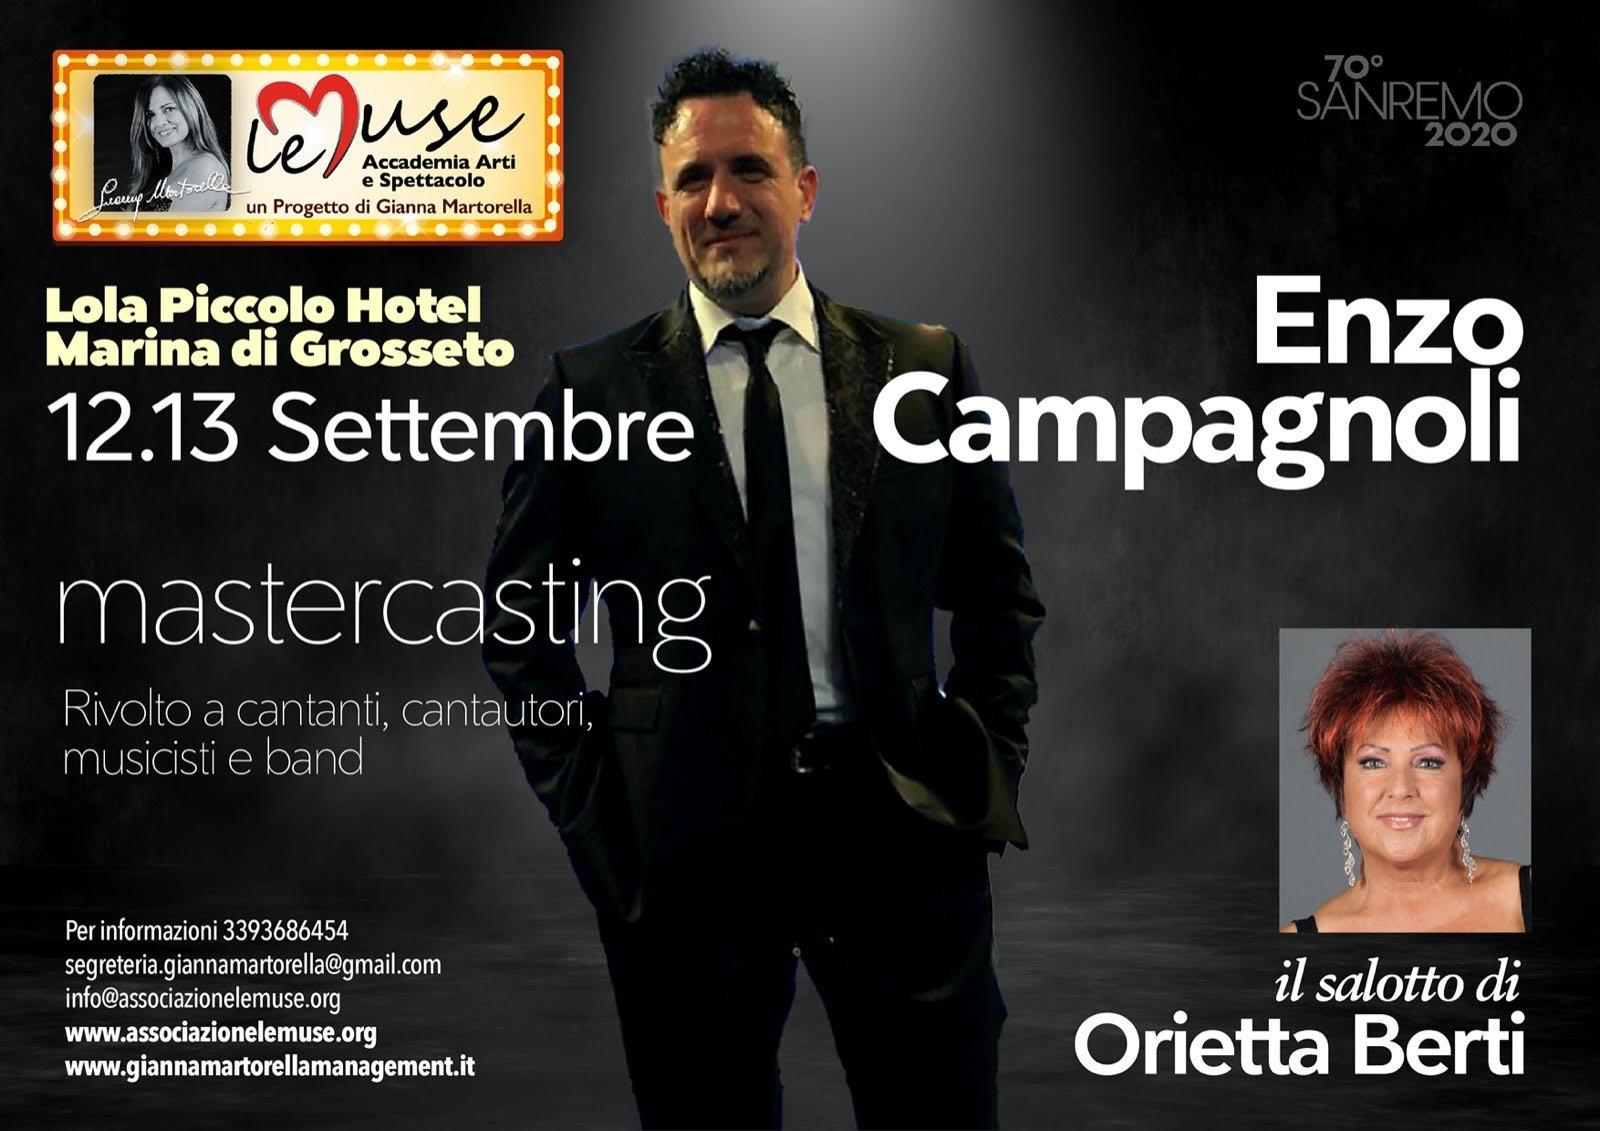 12-13 settembre 2020 canto con Enzo Campagnoli e Orietta Berti